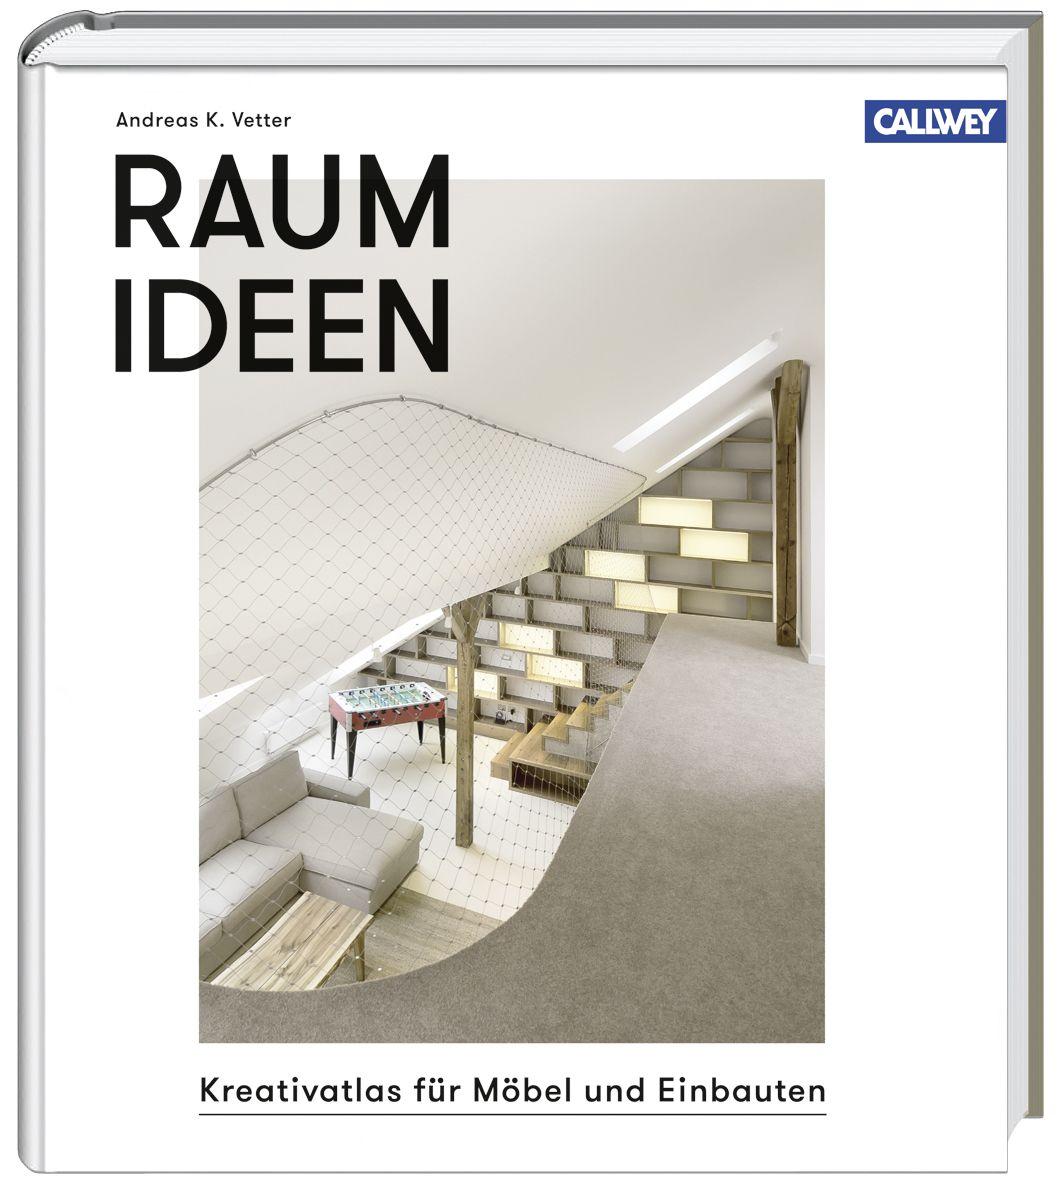 Raumideen: Kreativatlas für Möbel und Einbauten - Andreas K. Vetter